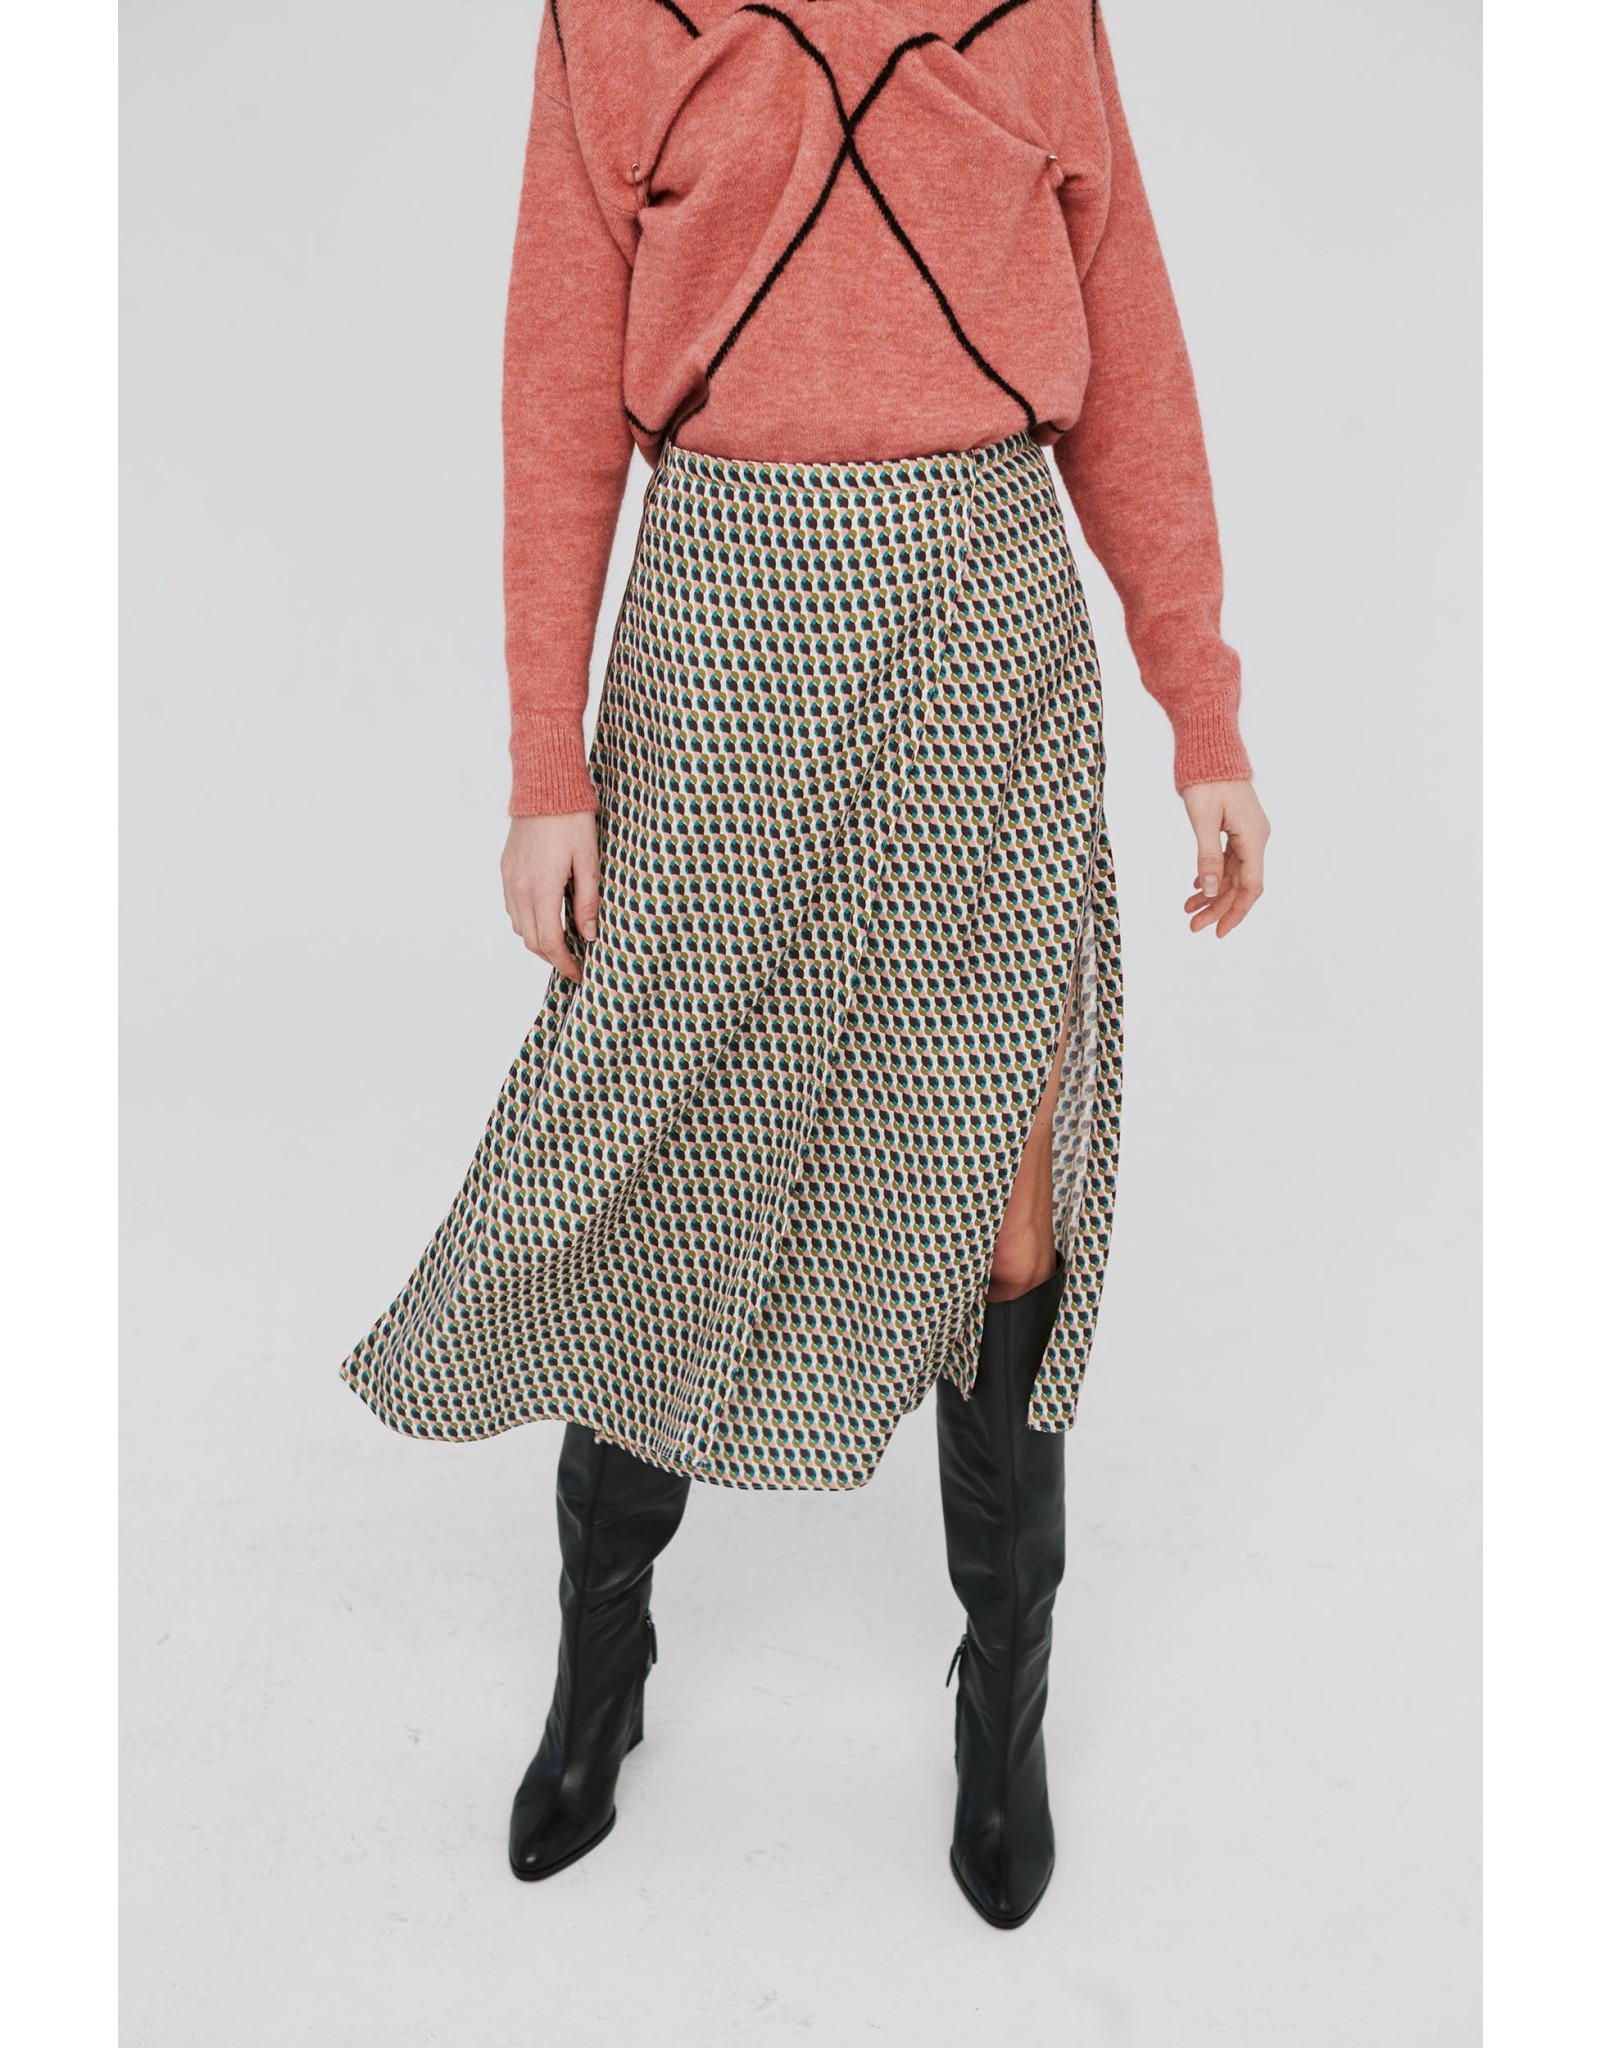 Sita Murt Printed Skirt